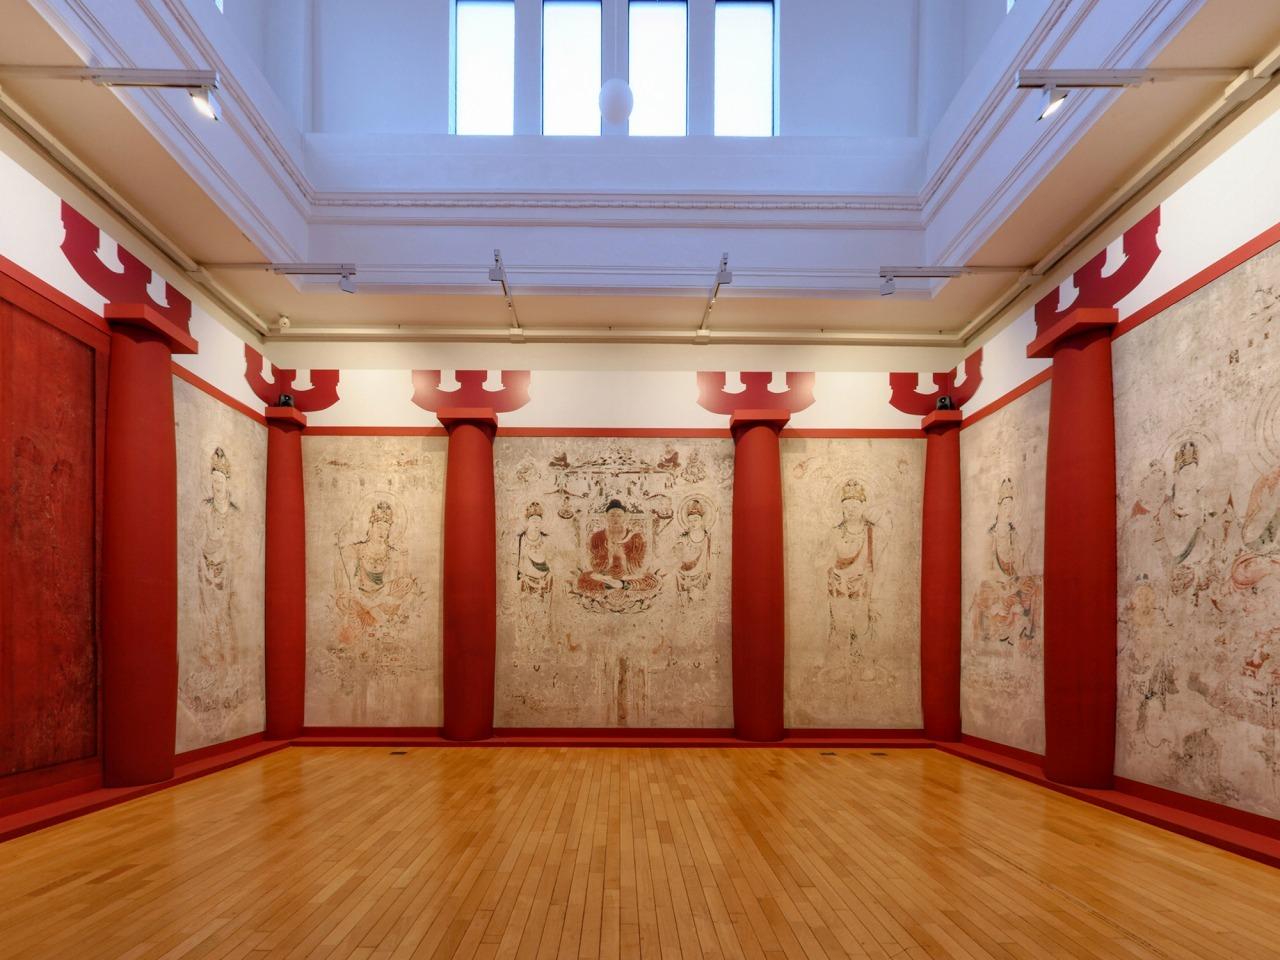 クローン文化財:法隆寺金堂壁画(焼損前復元)